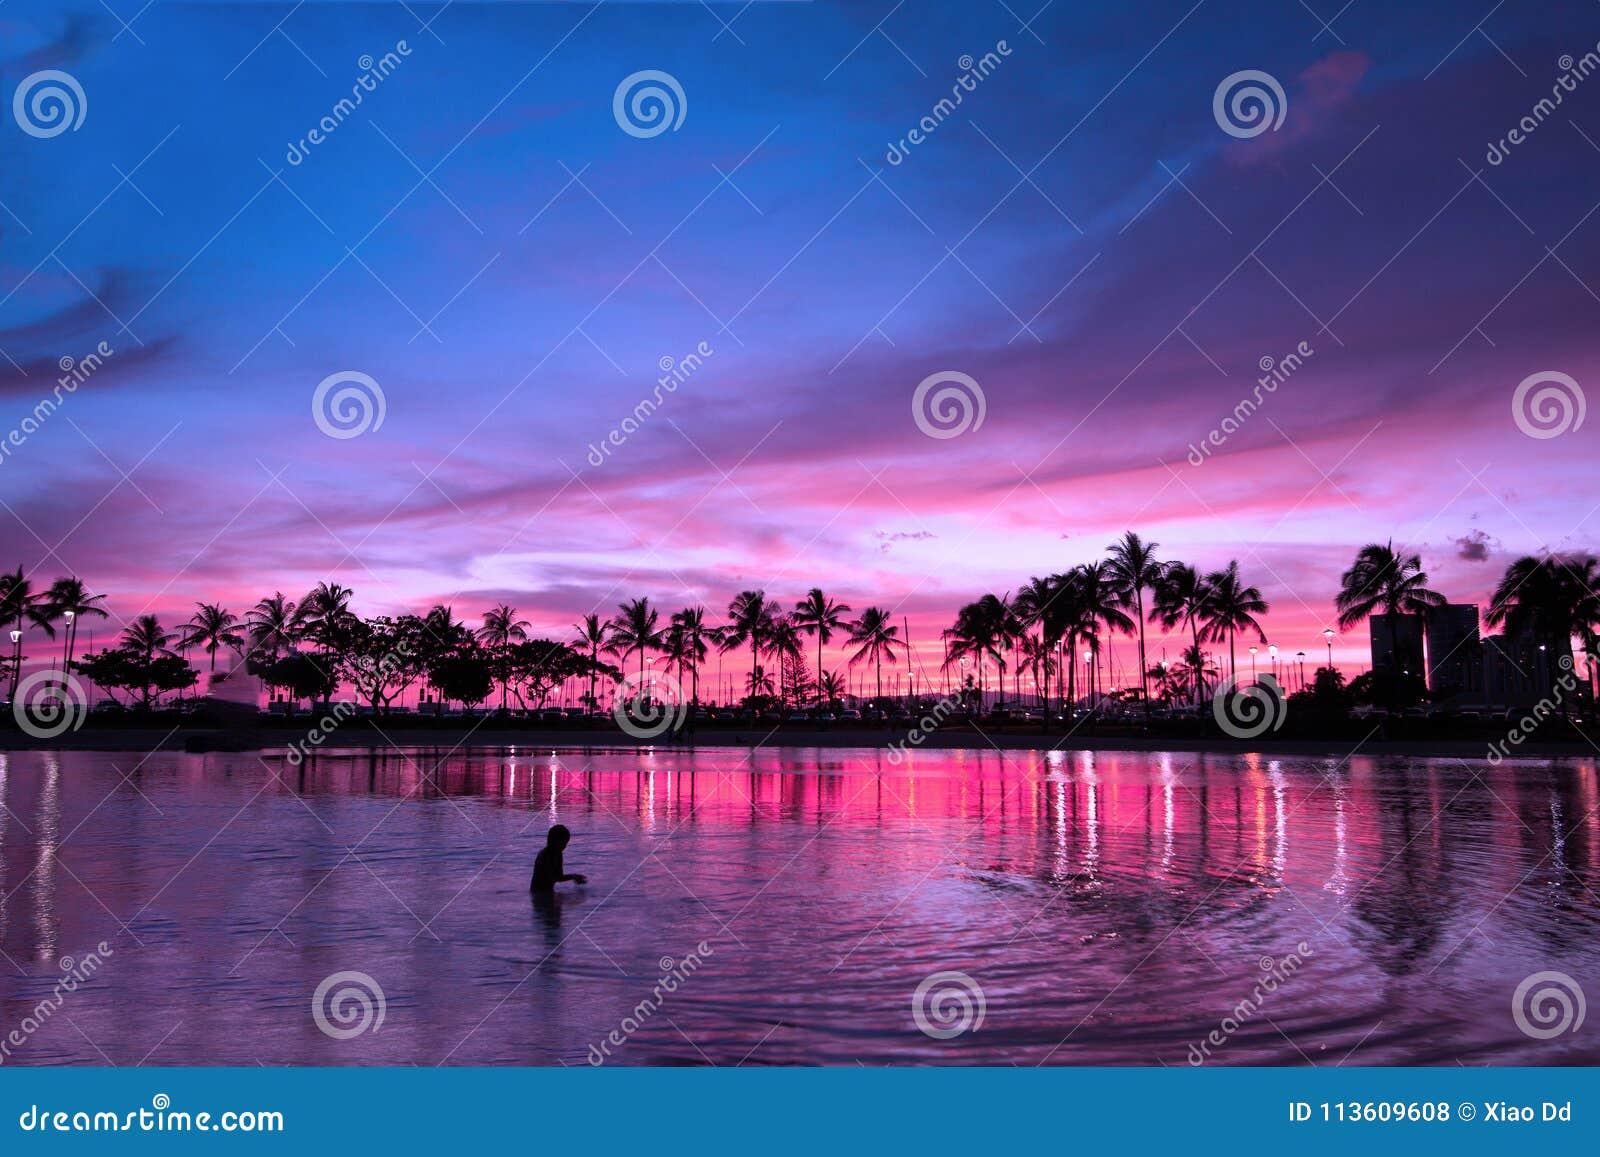 在紫色大气,夏威夷的不可思议的日落